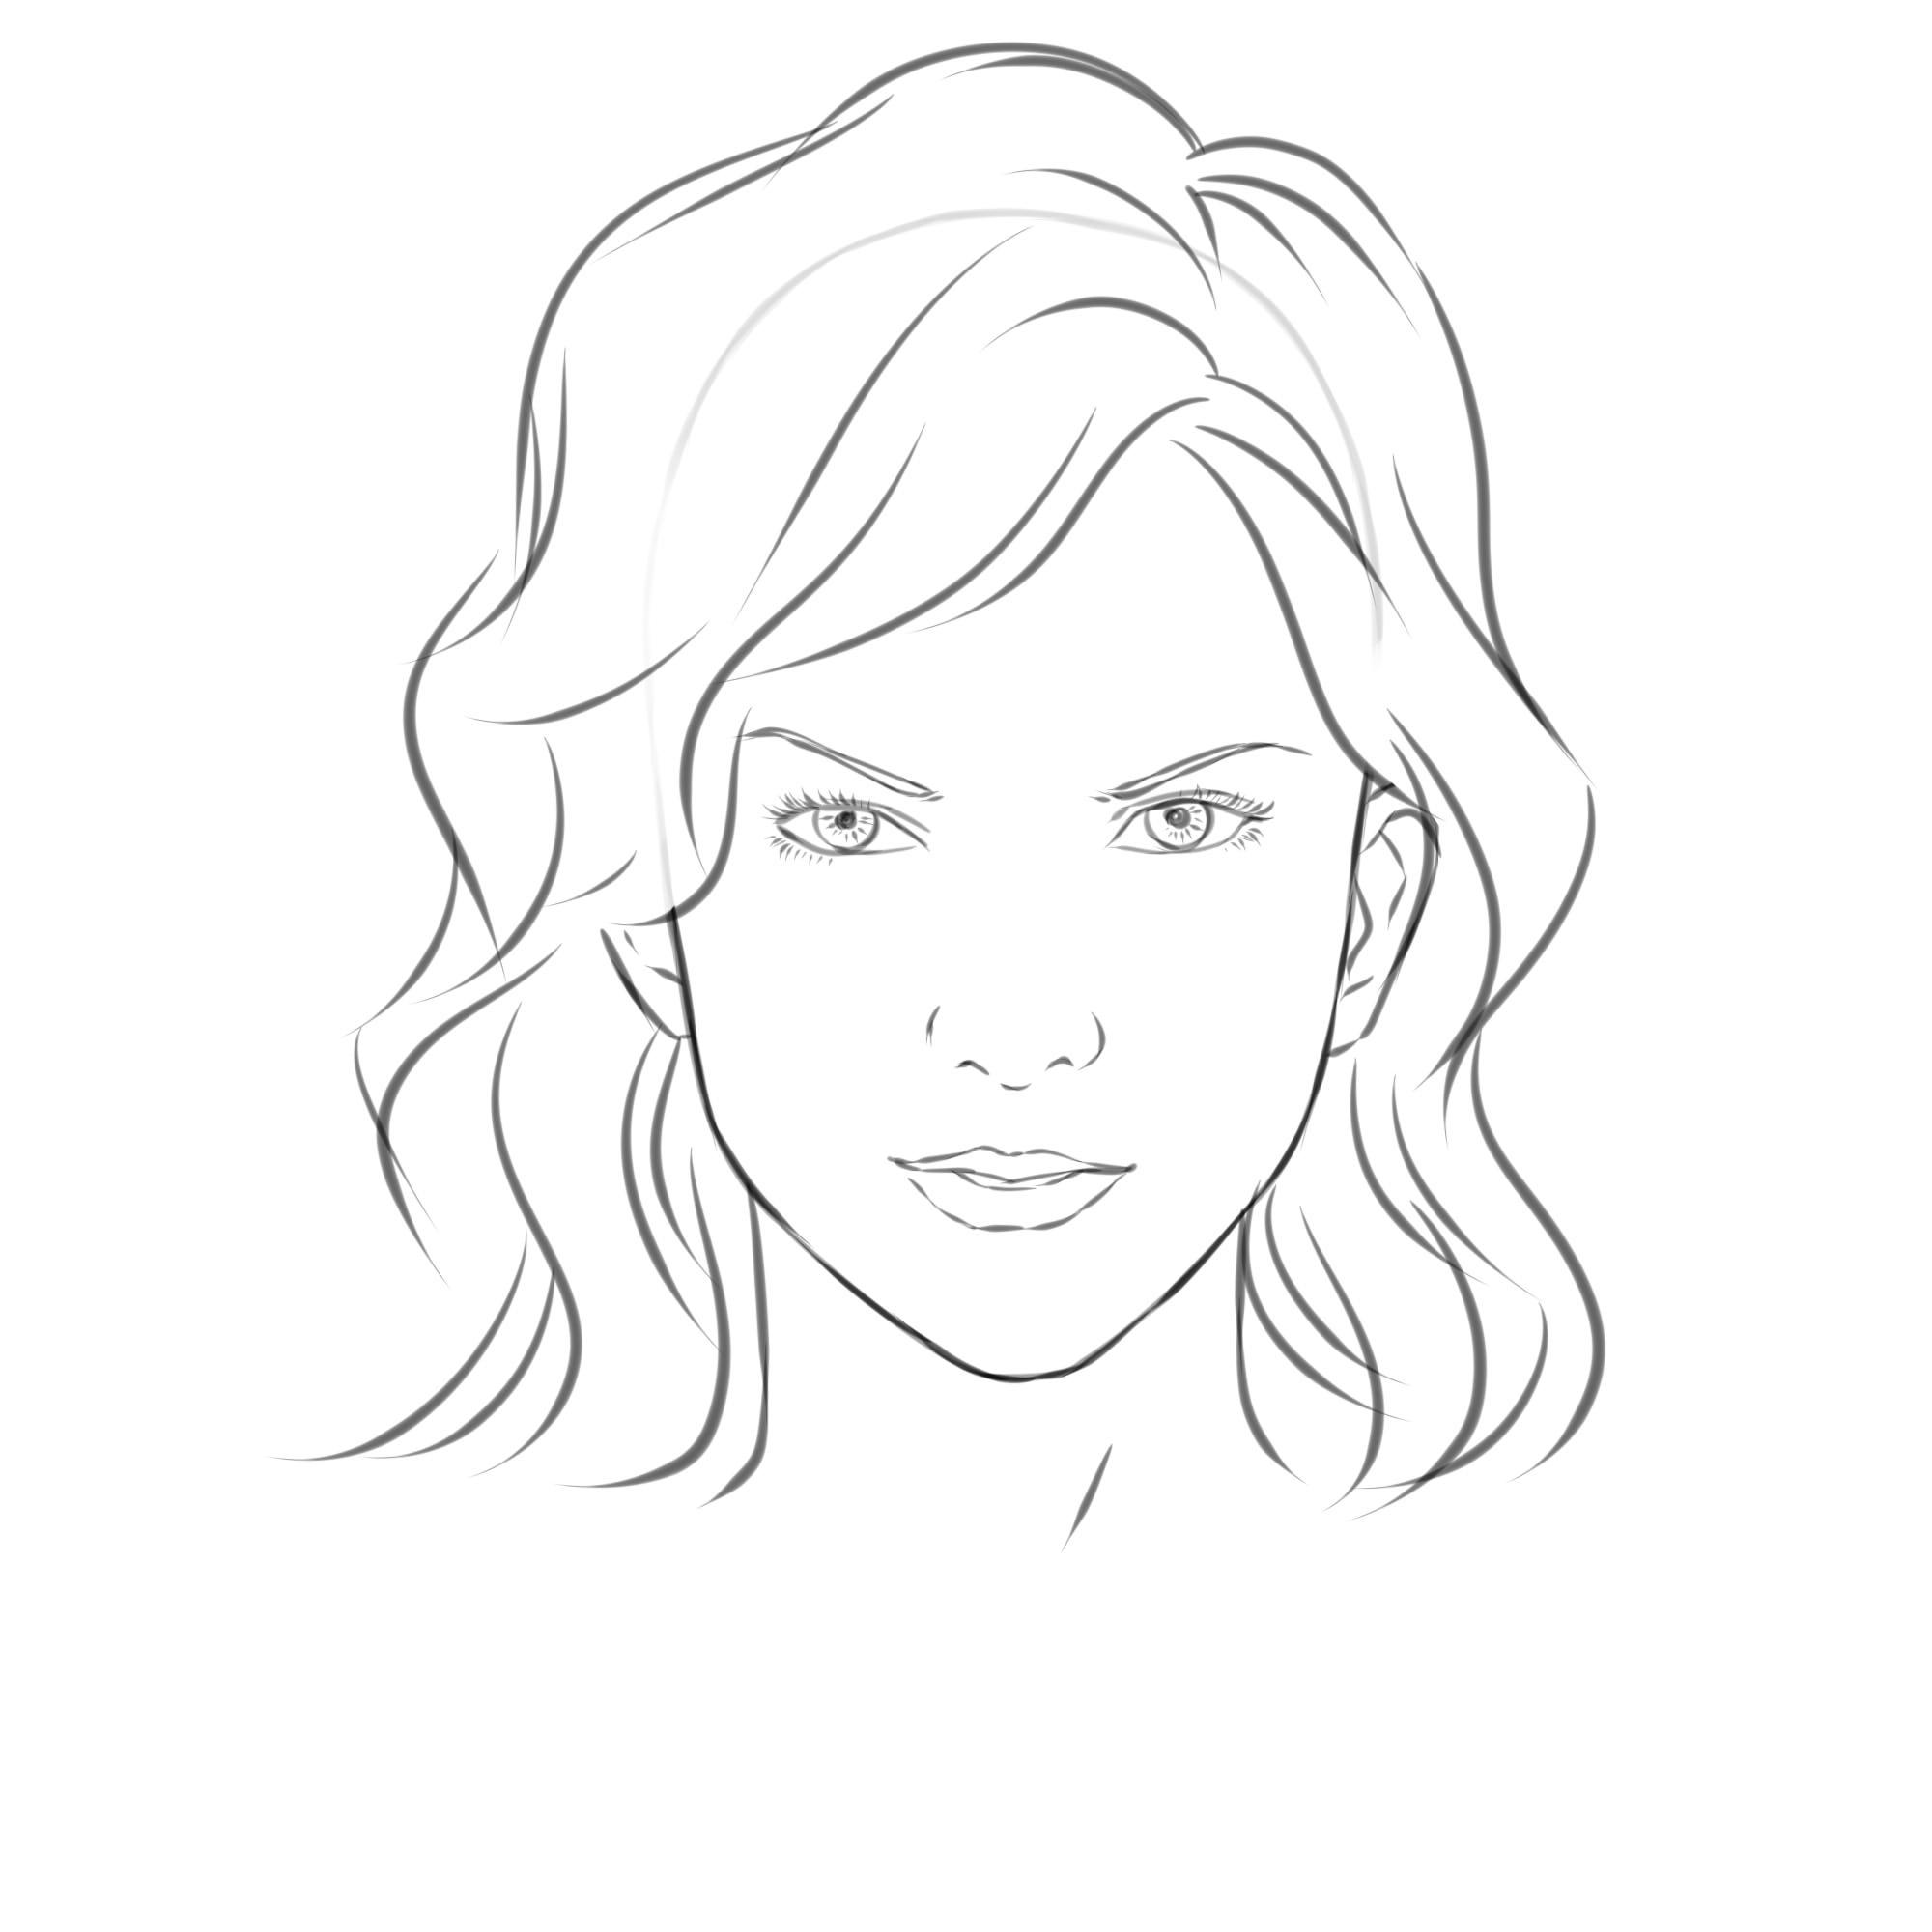 2000x2000 Women Faces Pencil Drawings